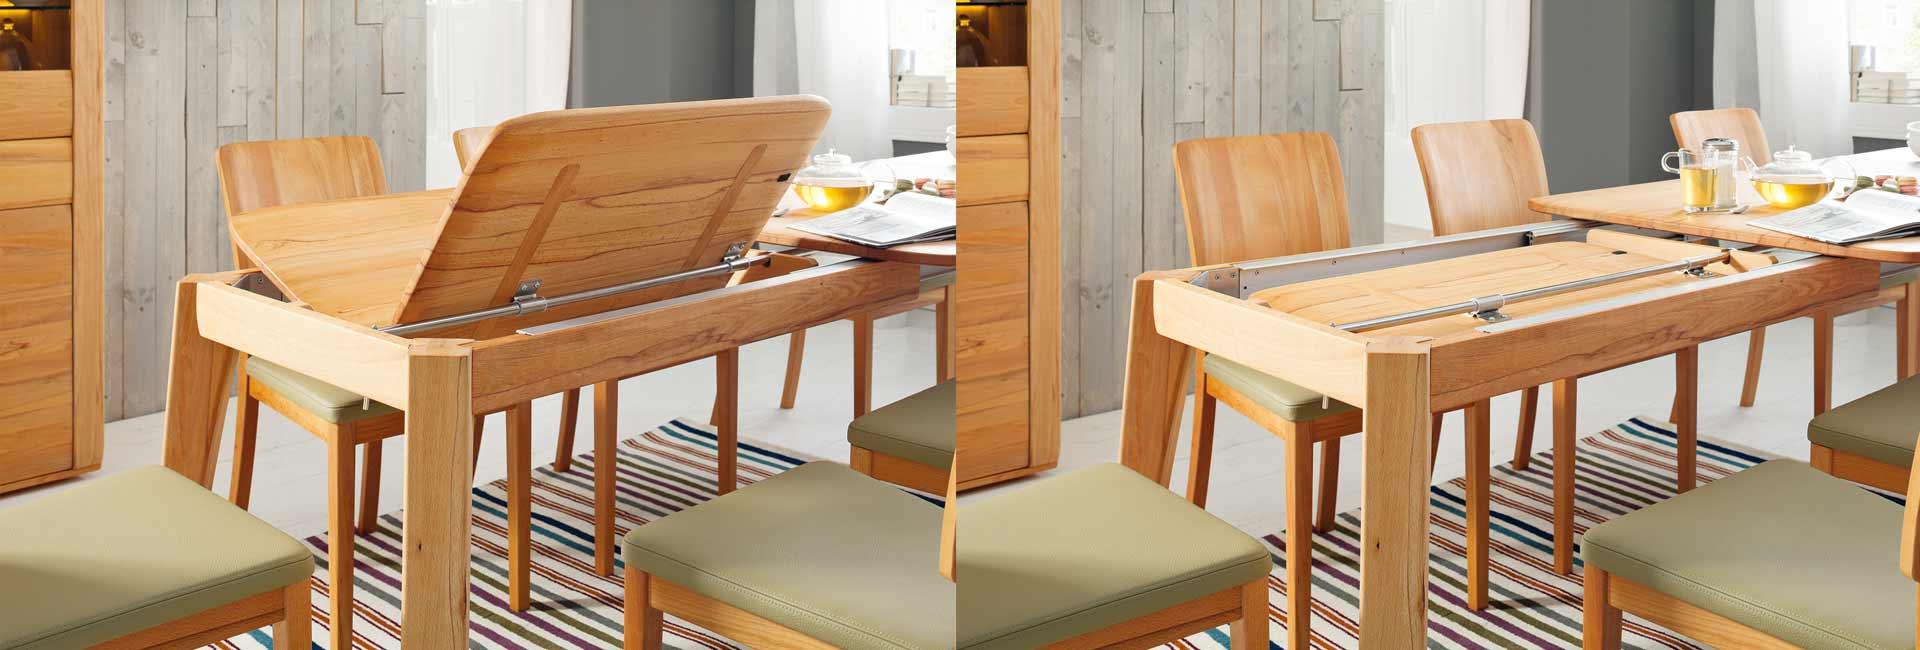 natura 4010 von natura einrichten in schneverdingen nahe. Black Bedroom Furniture Sets. Home Design Ideas